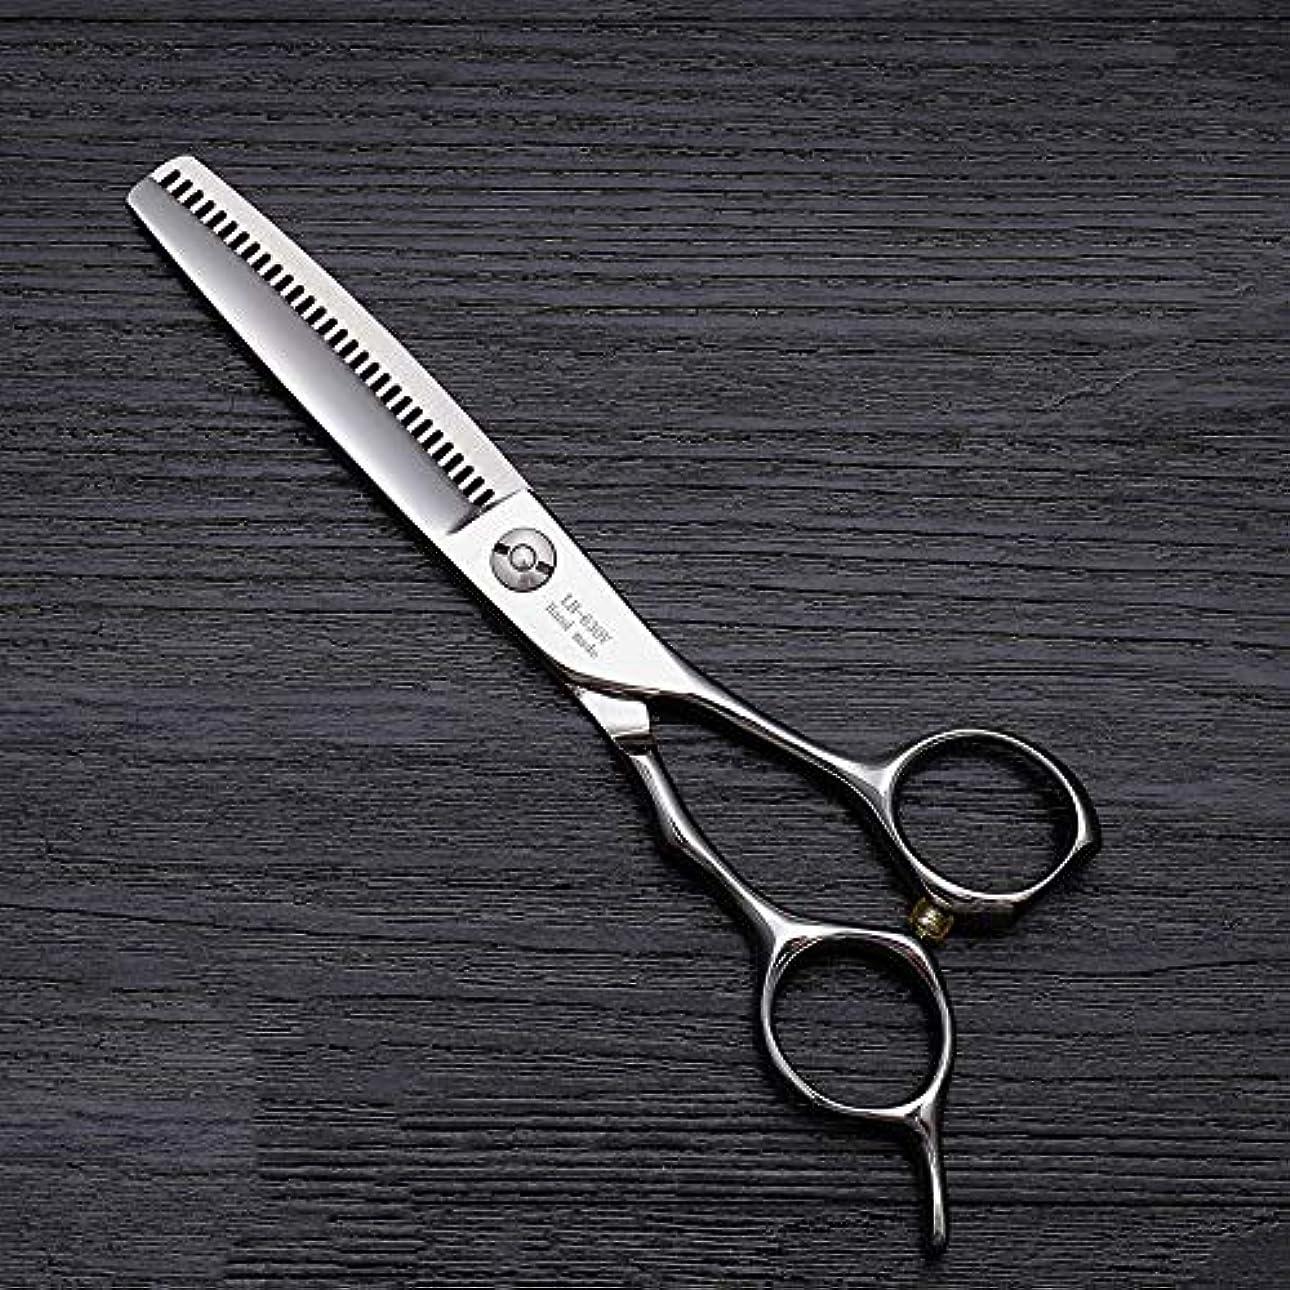 狐すみませんライバル6インチのヘアカットはさみ、ハイエンドの美容院の特別な髪のヘアカットはさみ ヘアケア (色 : Silver)